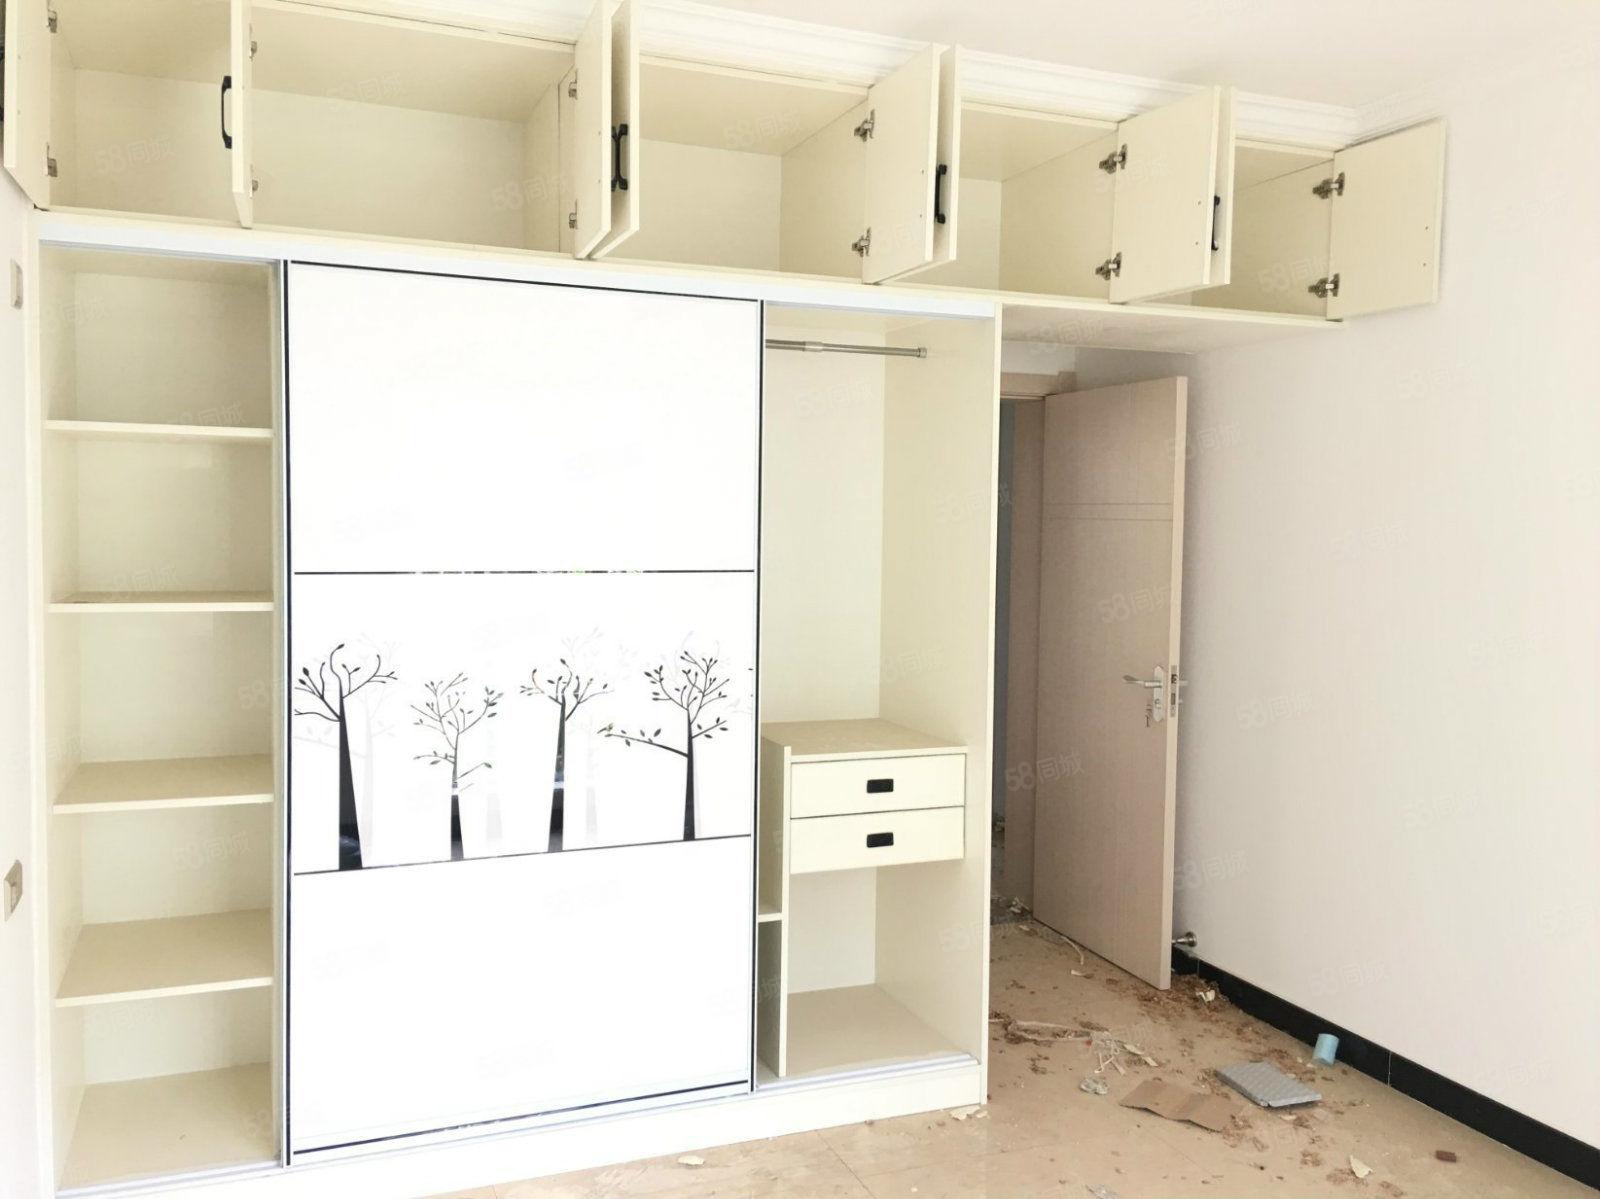 现代城大二期 3室2厅2卫 精装修 未入住 多层三楼得房率高